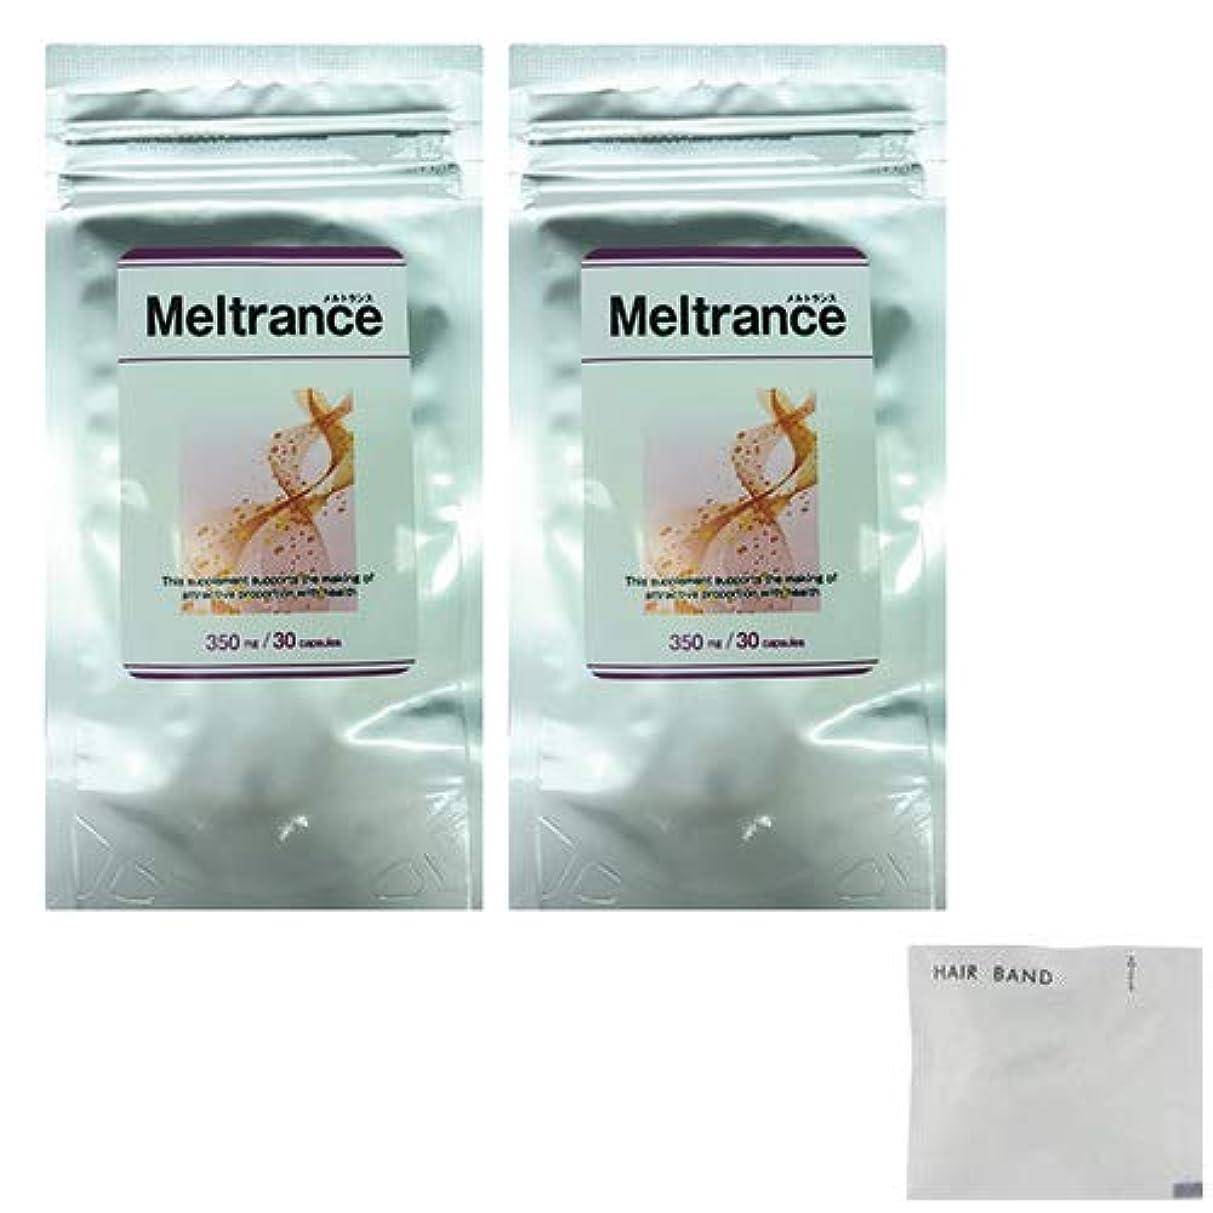 不公平例外藤色メルトランス(Meltrance) サプリメント 30粒×2個 + ヘアゴム(カラーはおまかせ)セット